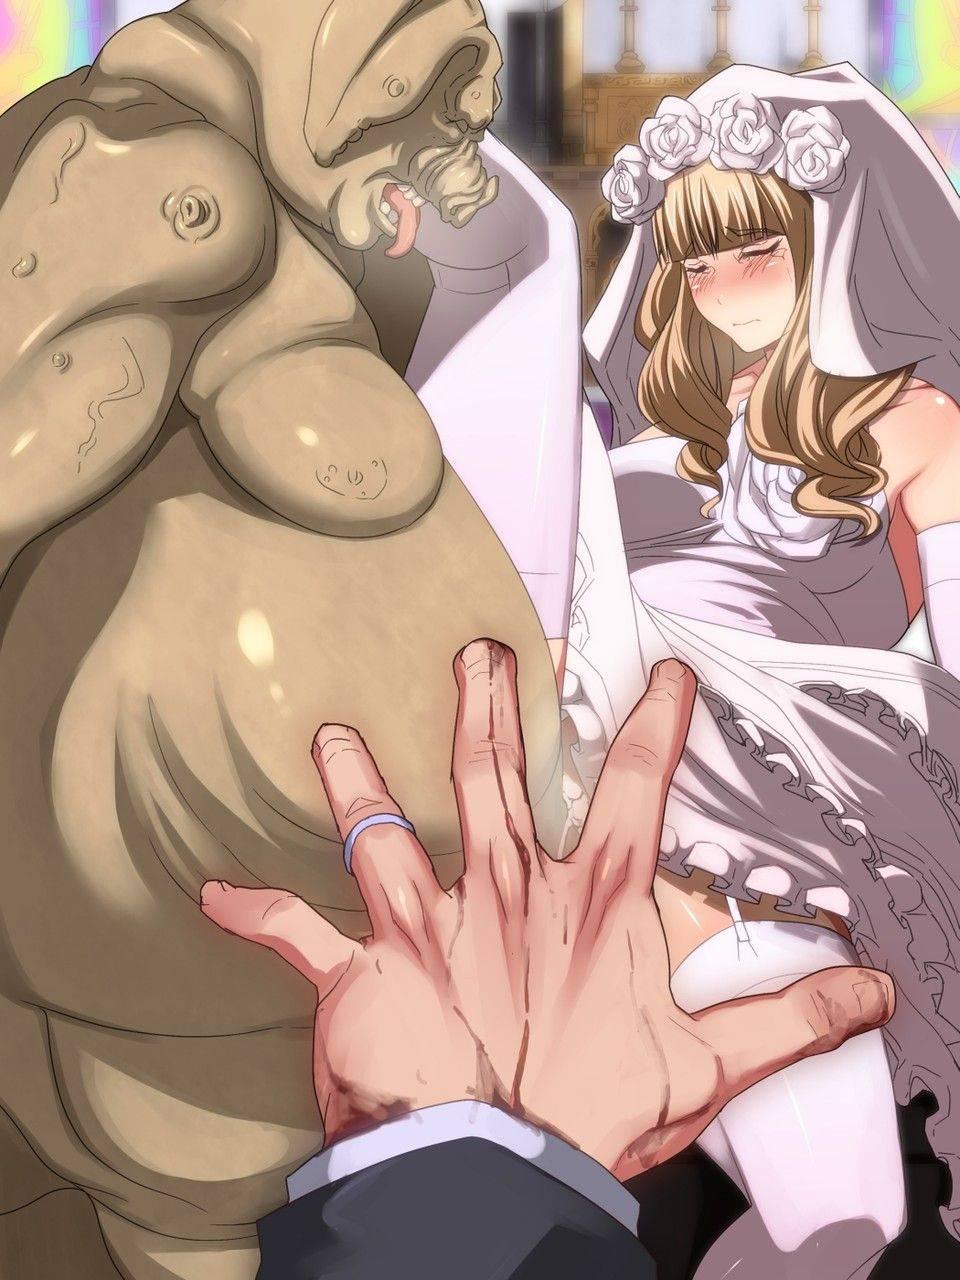 【矢口った】不倫セックスしてたら旦那にバレた人妻達のNTR系二次エロ画像【12】